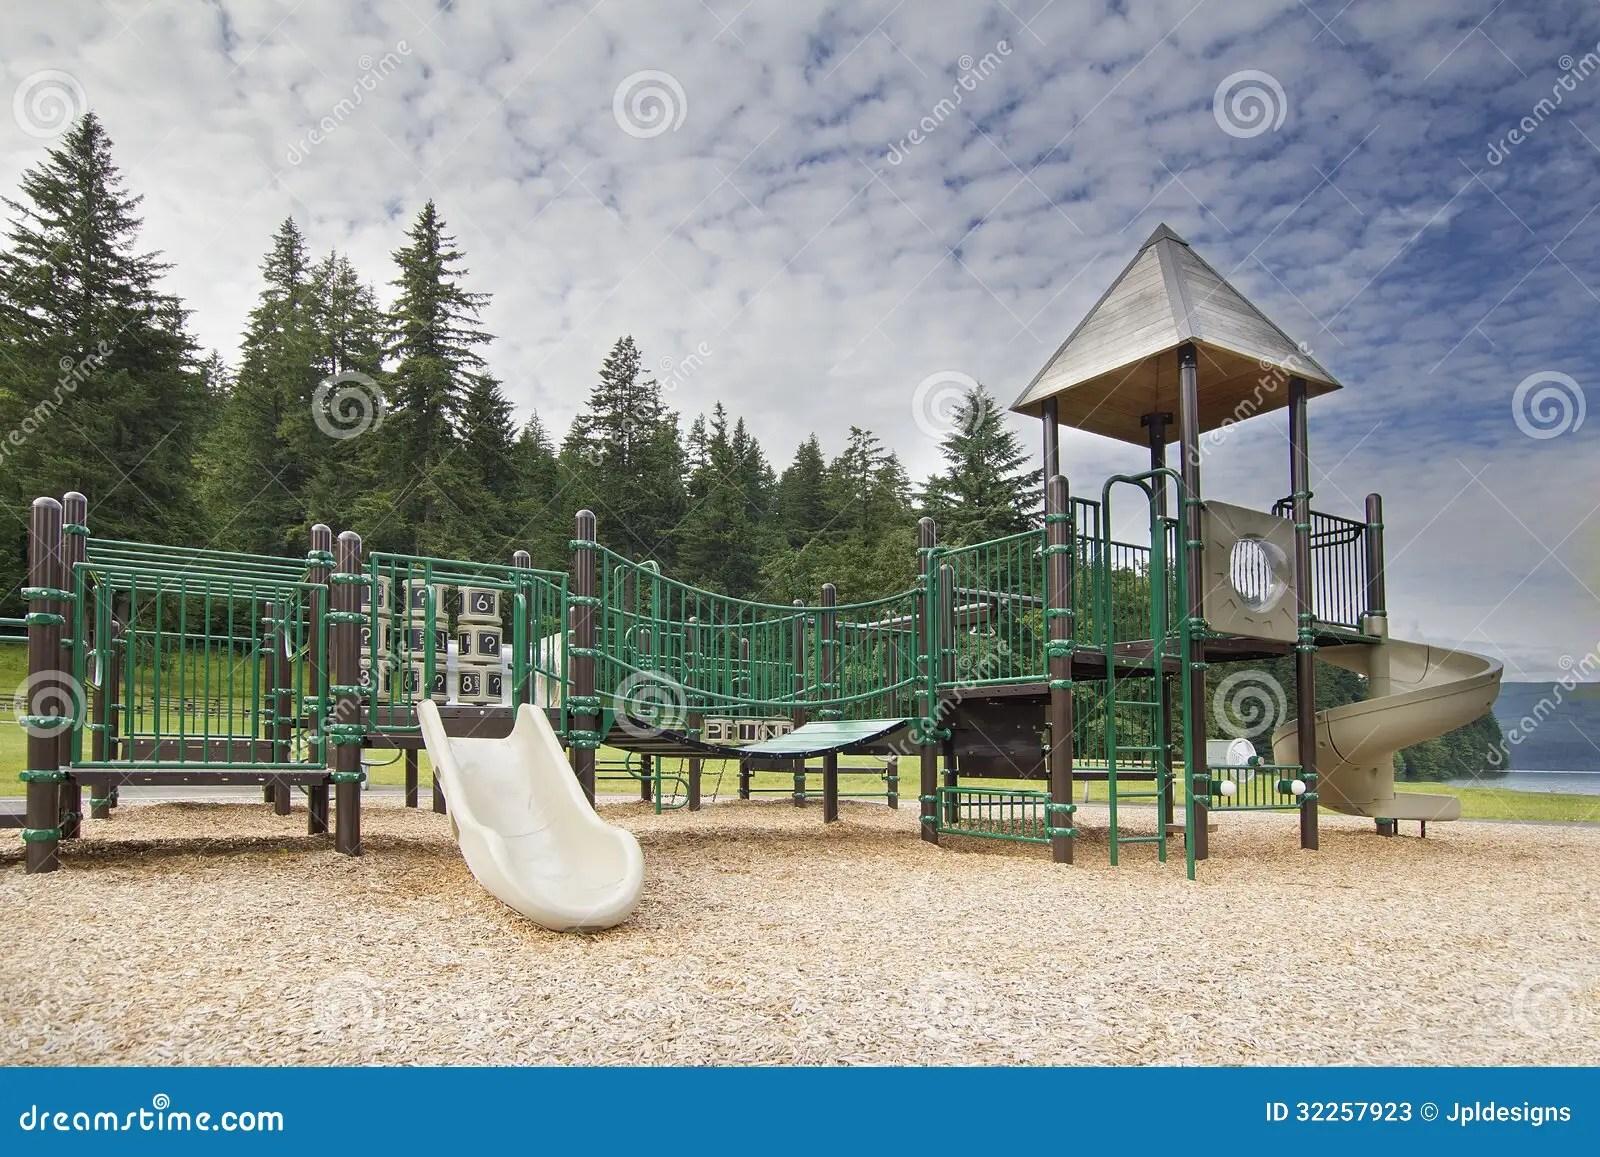 Childrens Playground At Lake Merwin Park Stock Image